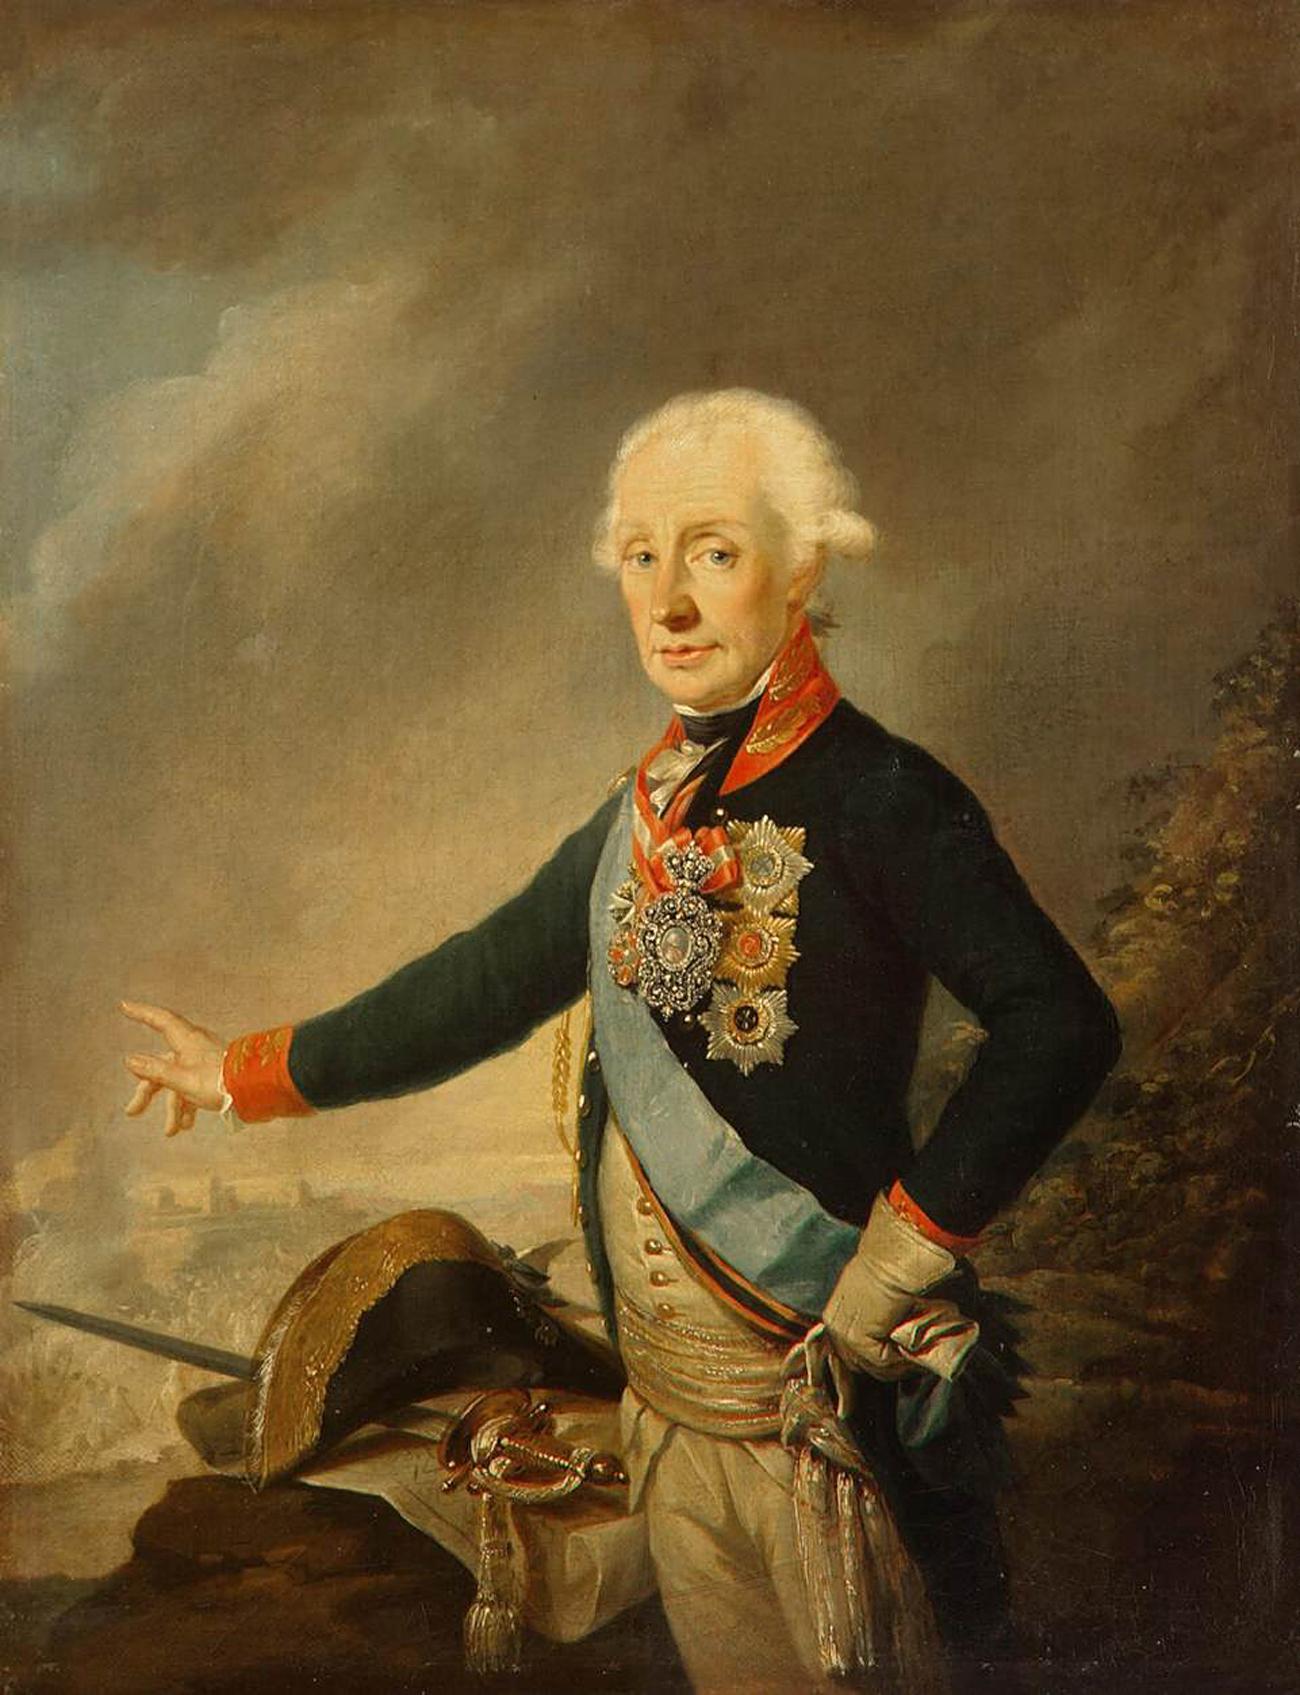 Portrait d'Alexandre Souvorov par Joseph Kreutzinger, musée de l'Ermitage, Saint-Pétersbourg.